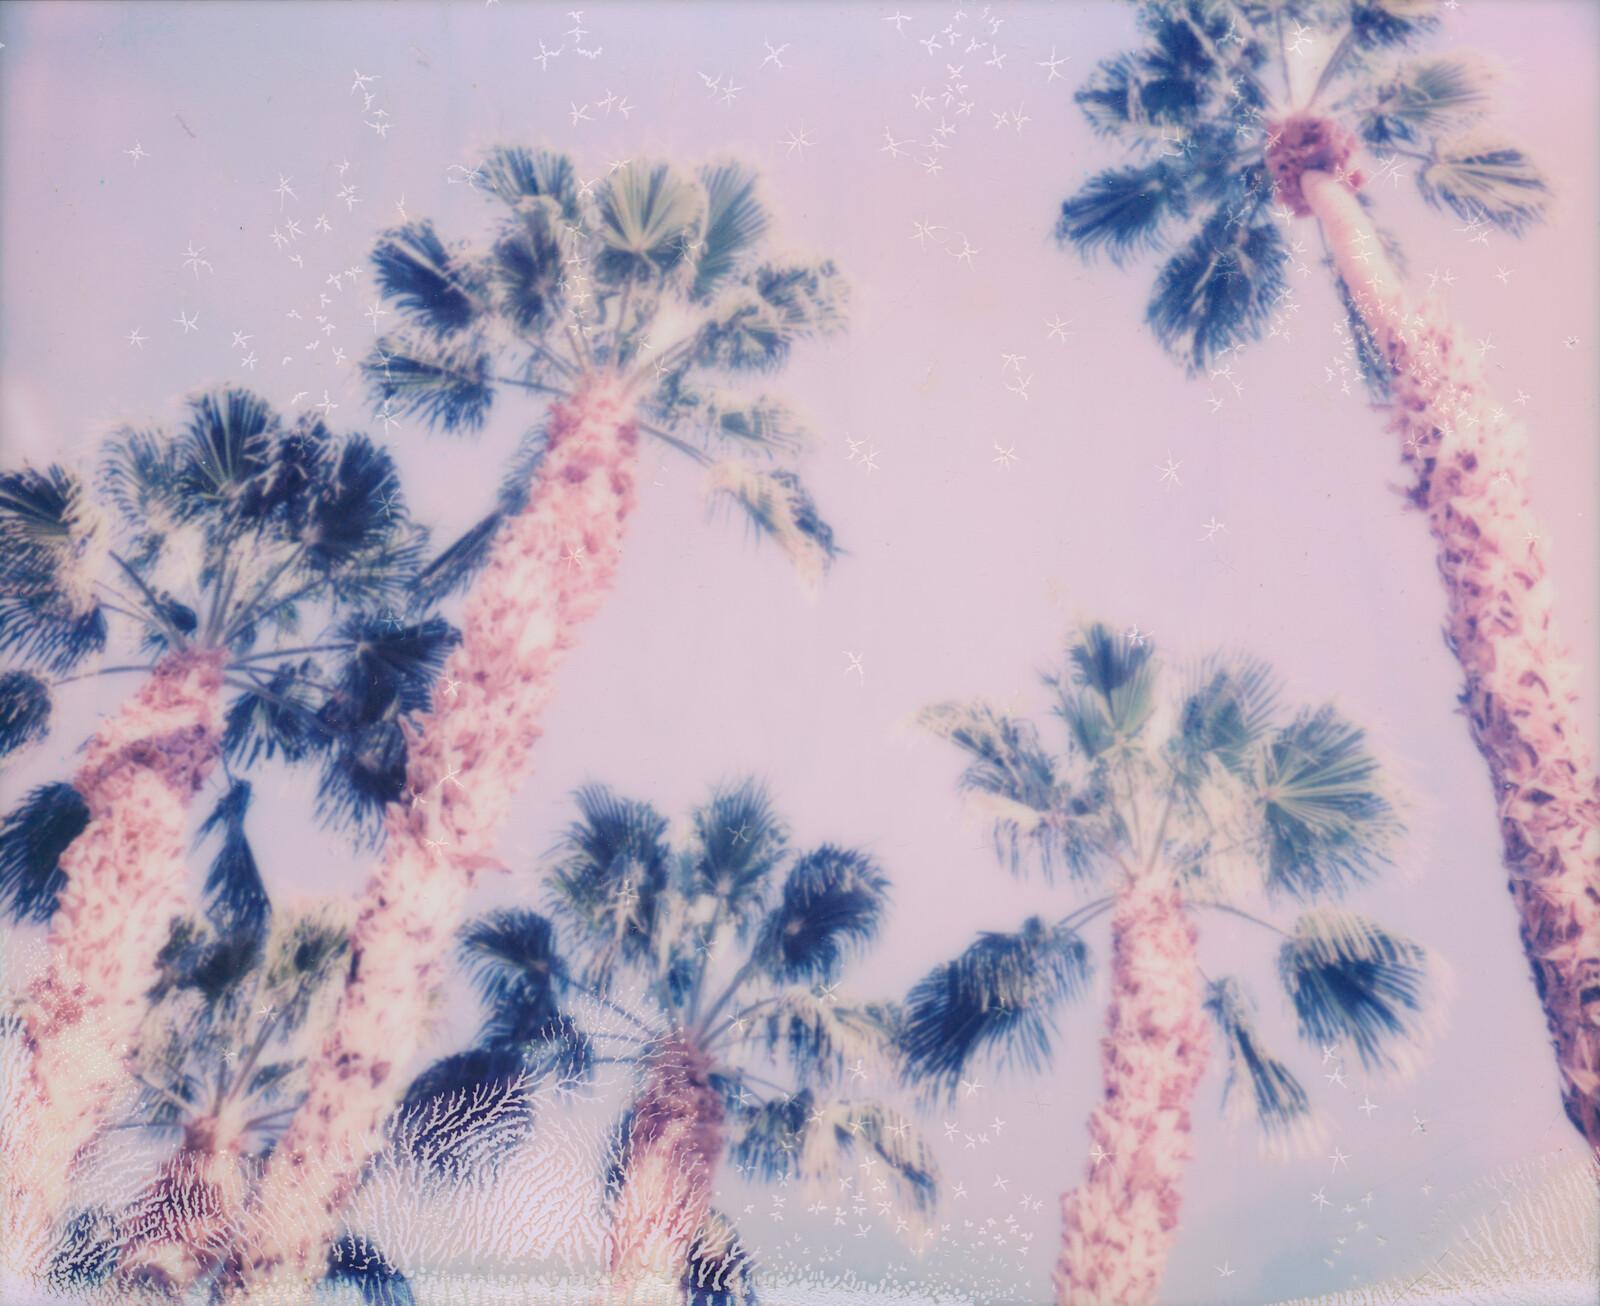 Snow Flakes - Stefanie Schneider